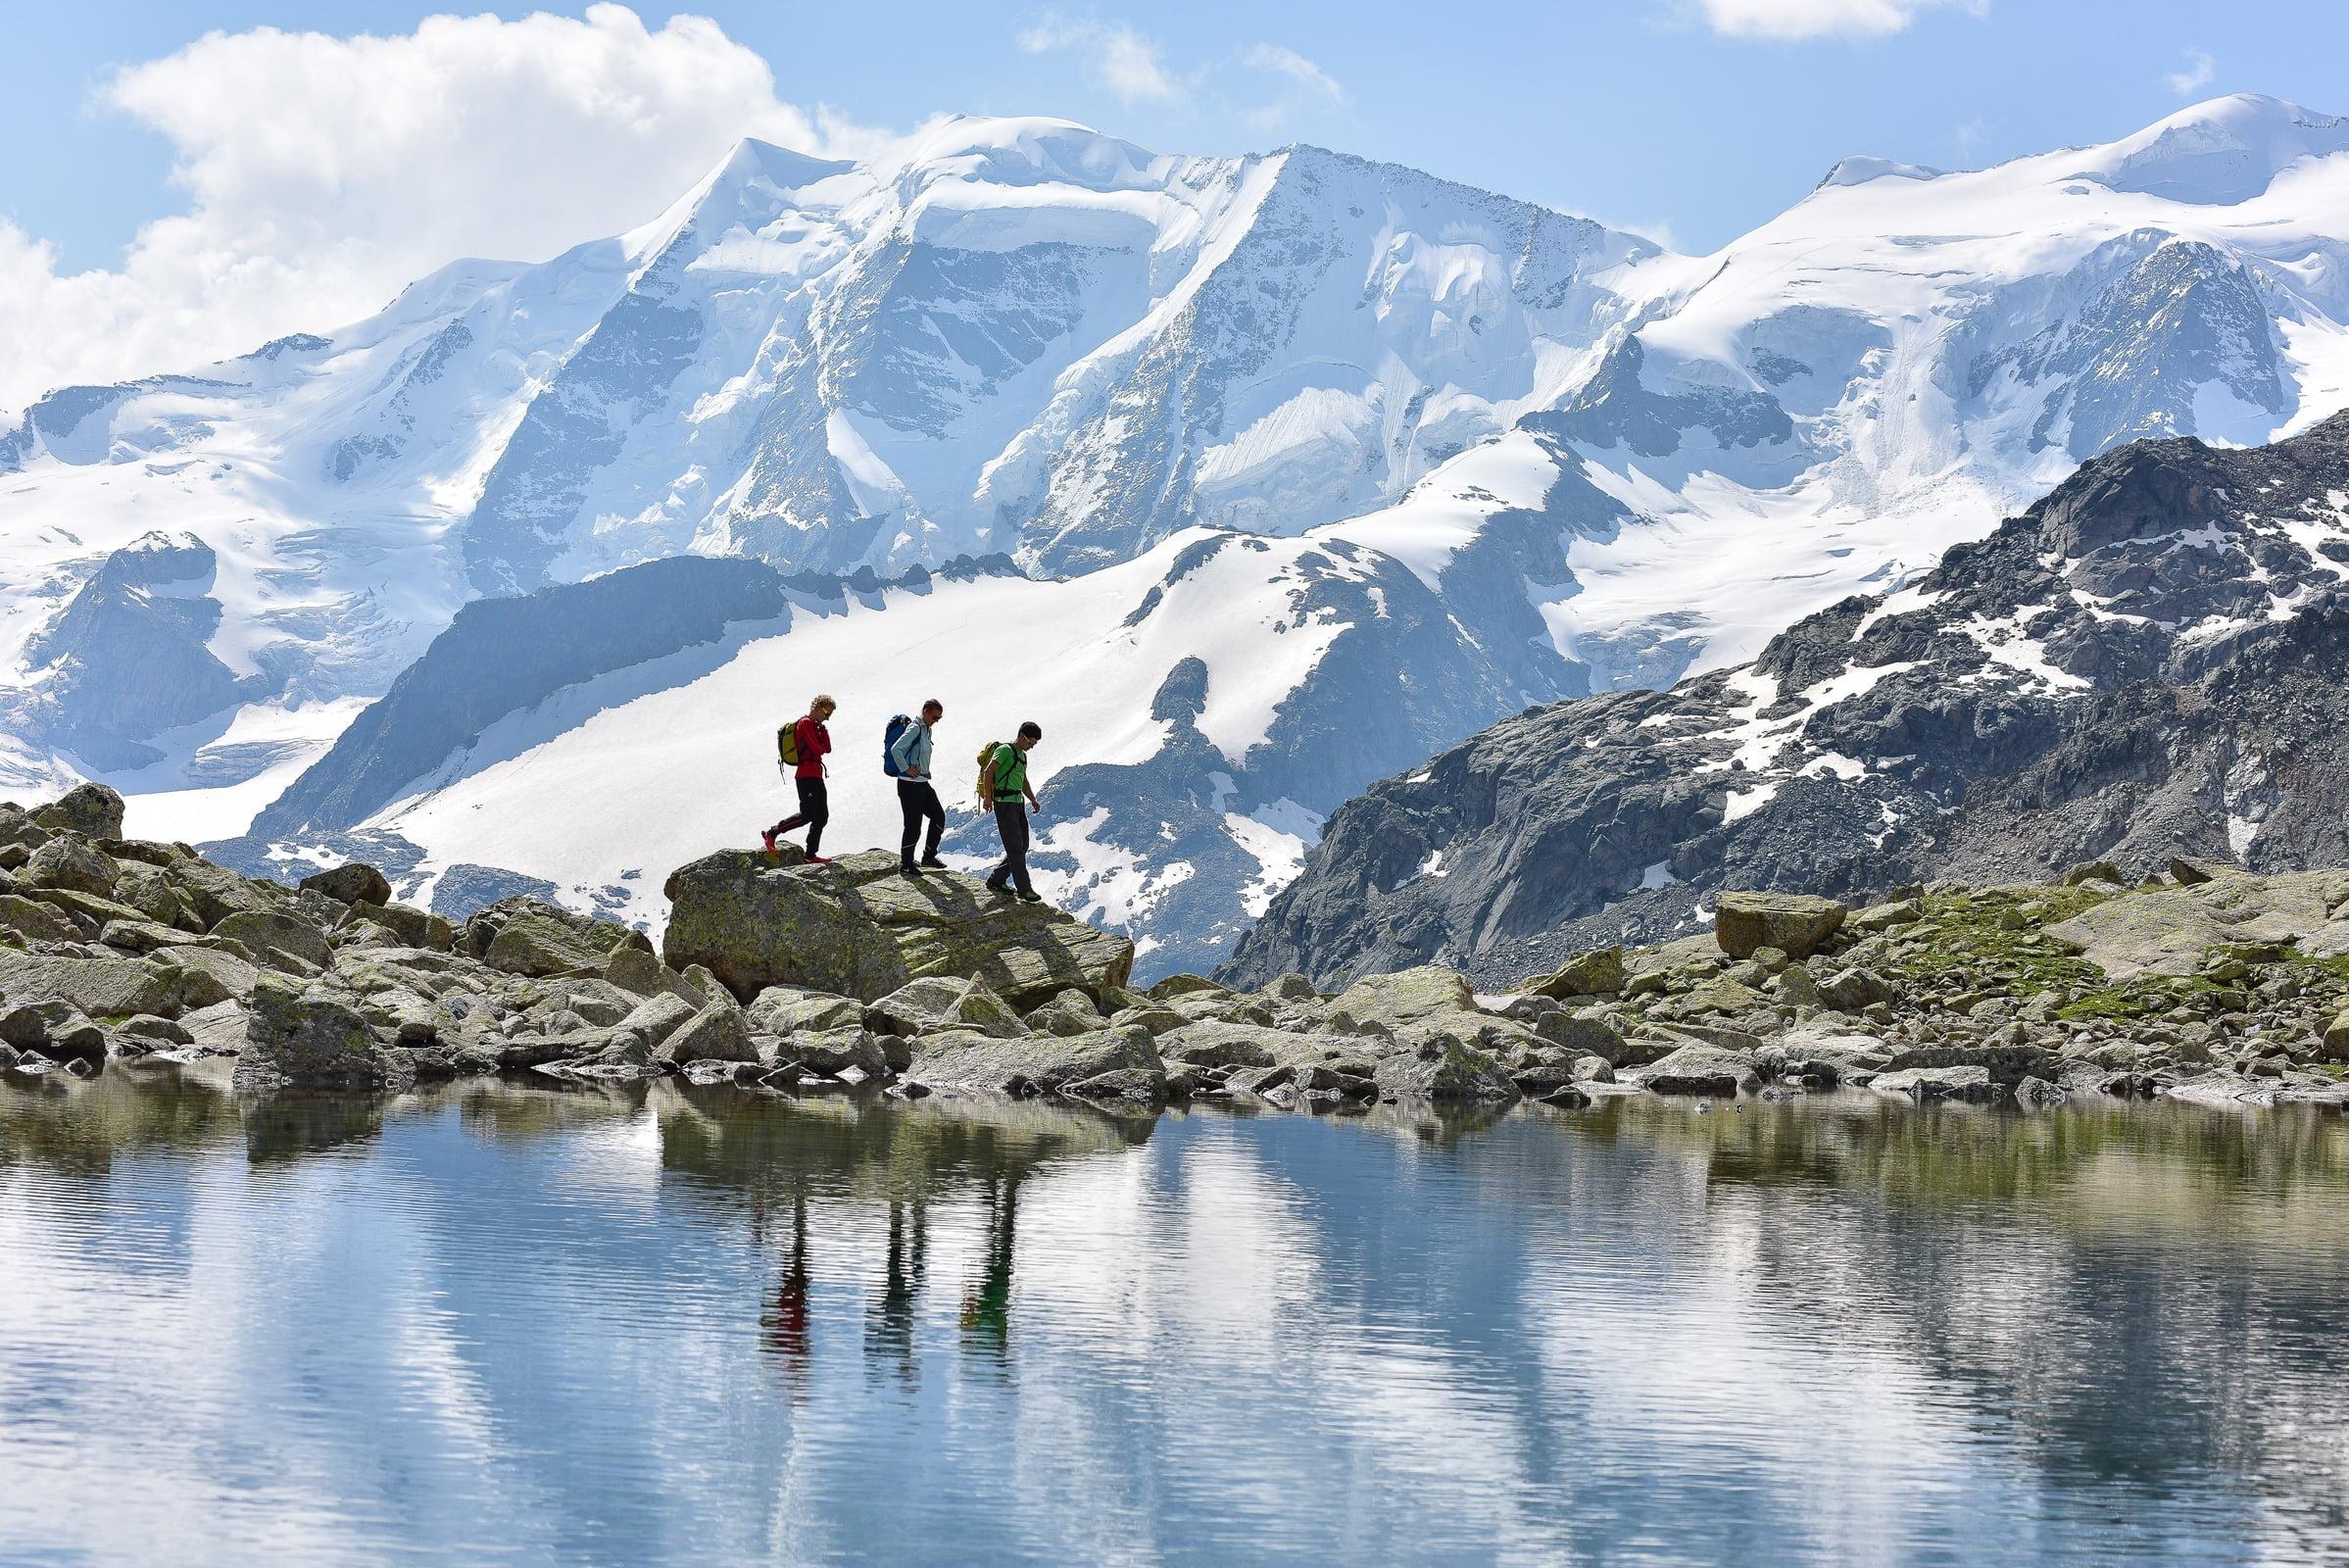 Faszination Bergwelt – der Festsaal der Alpen